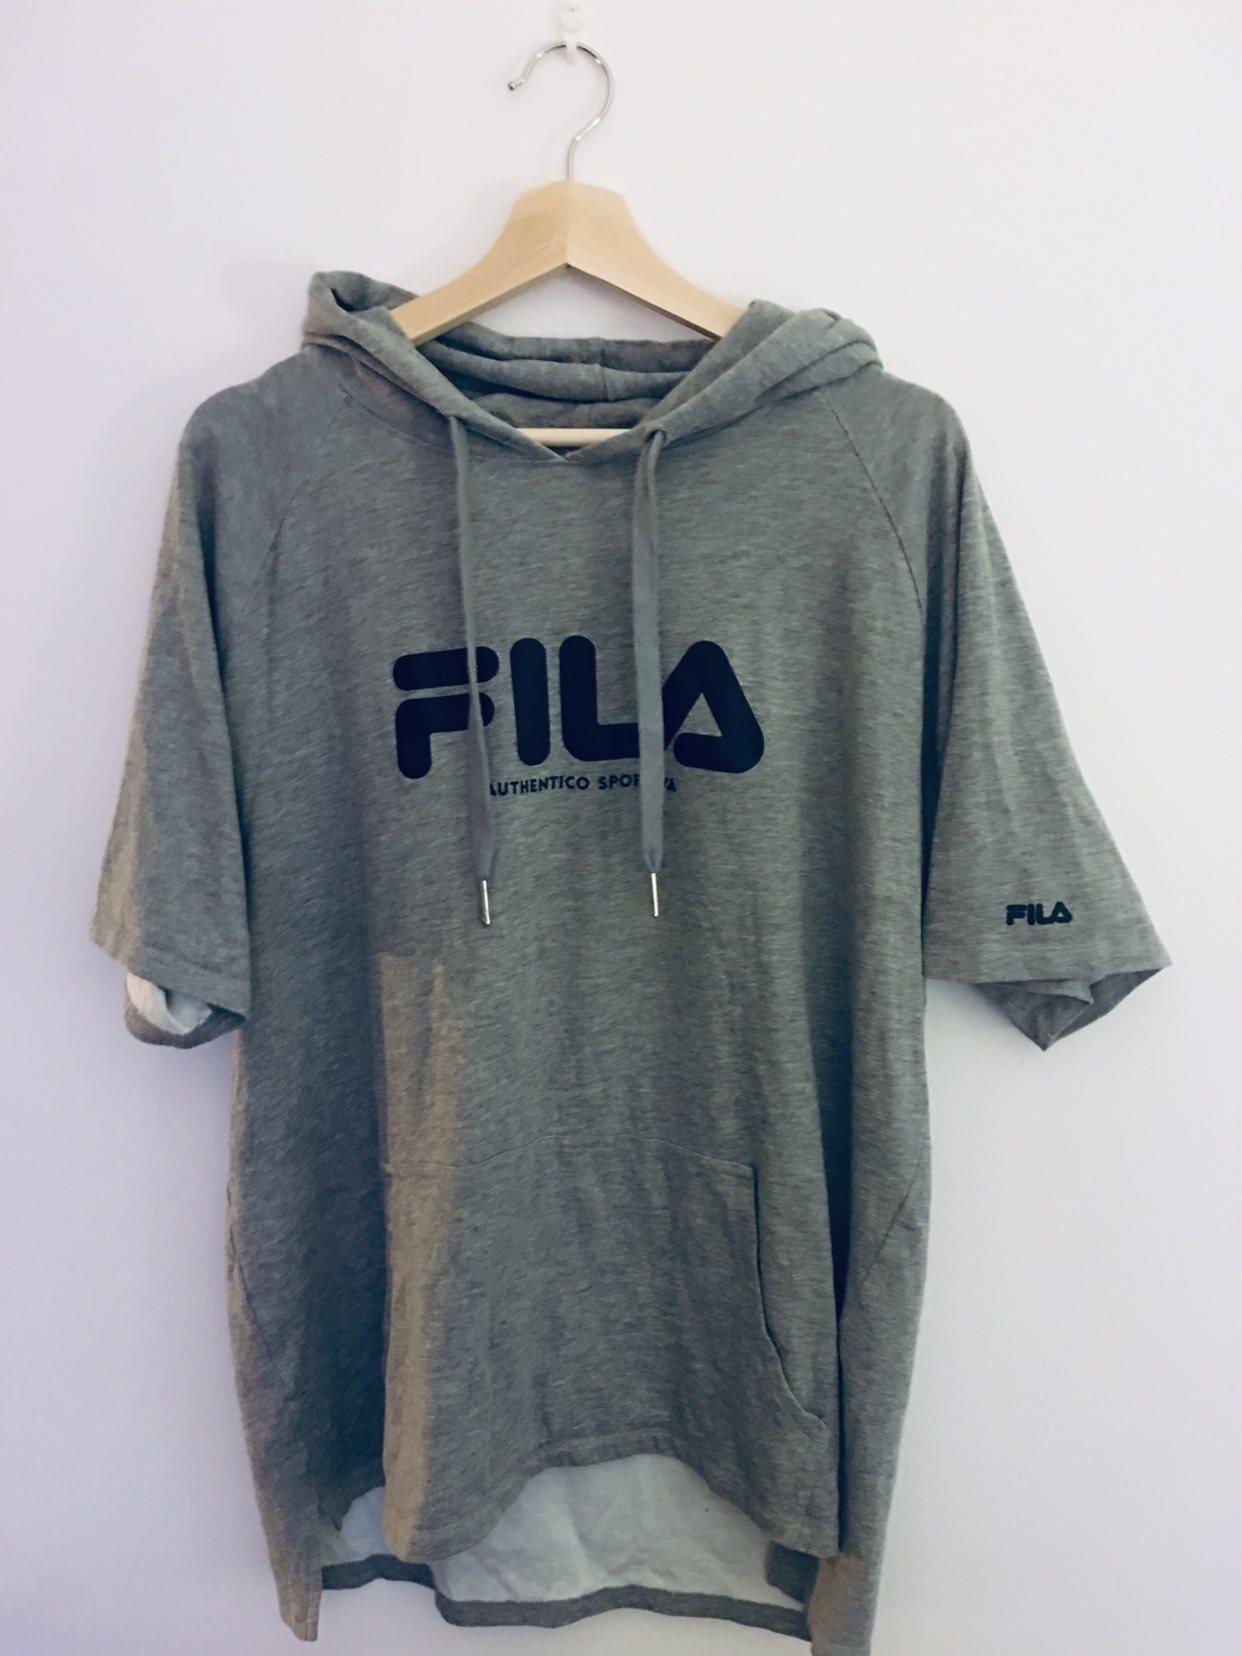 FILA - Kortärmad Kortärmad Kortärmad grå tunn hoodie - strl L 445195